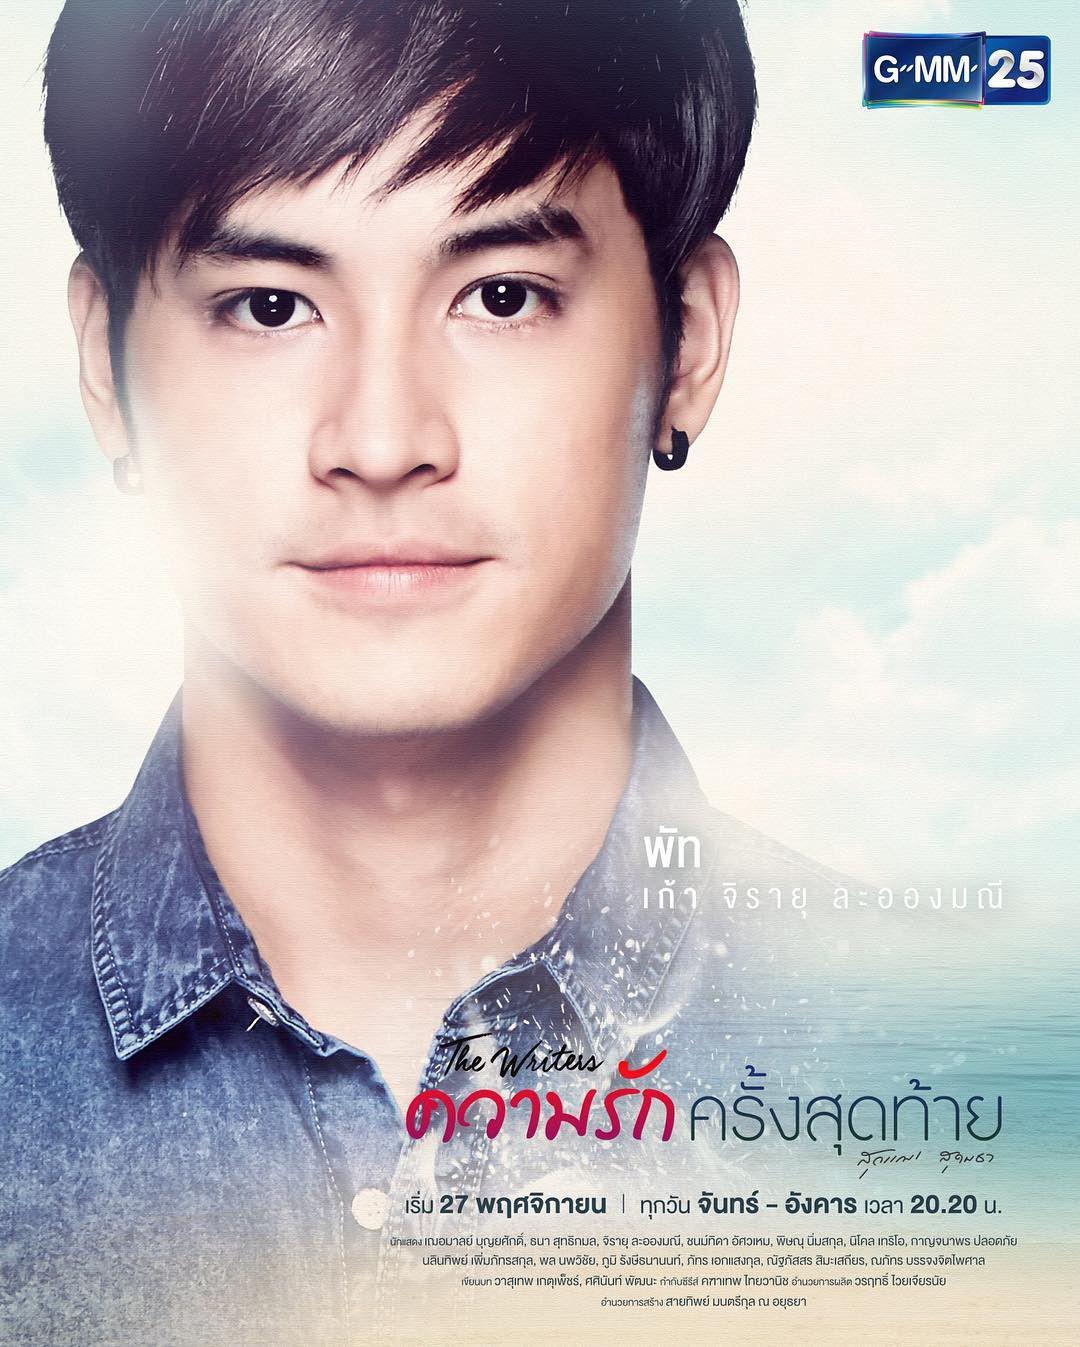 Danh sách những ngôi sao tuổi Hợi nổi tiếng đình đám màn ảnh Thái Lan (20)